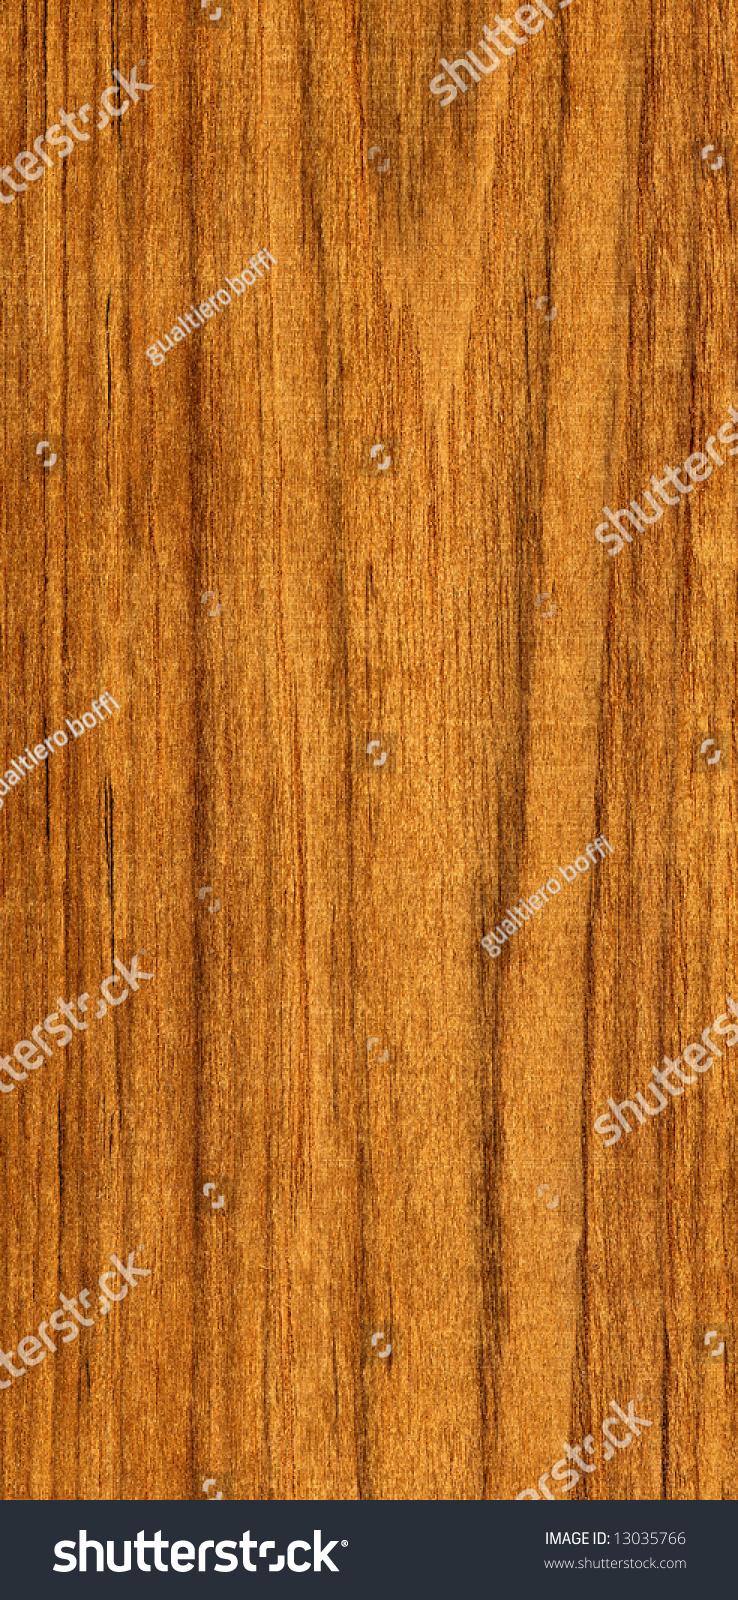 Wood Teak Texture Stock Photo 13035766 : Shutterstock